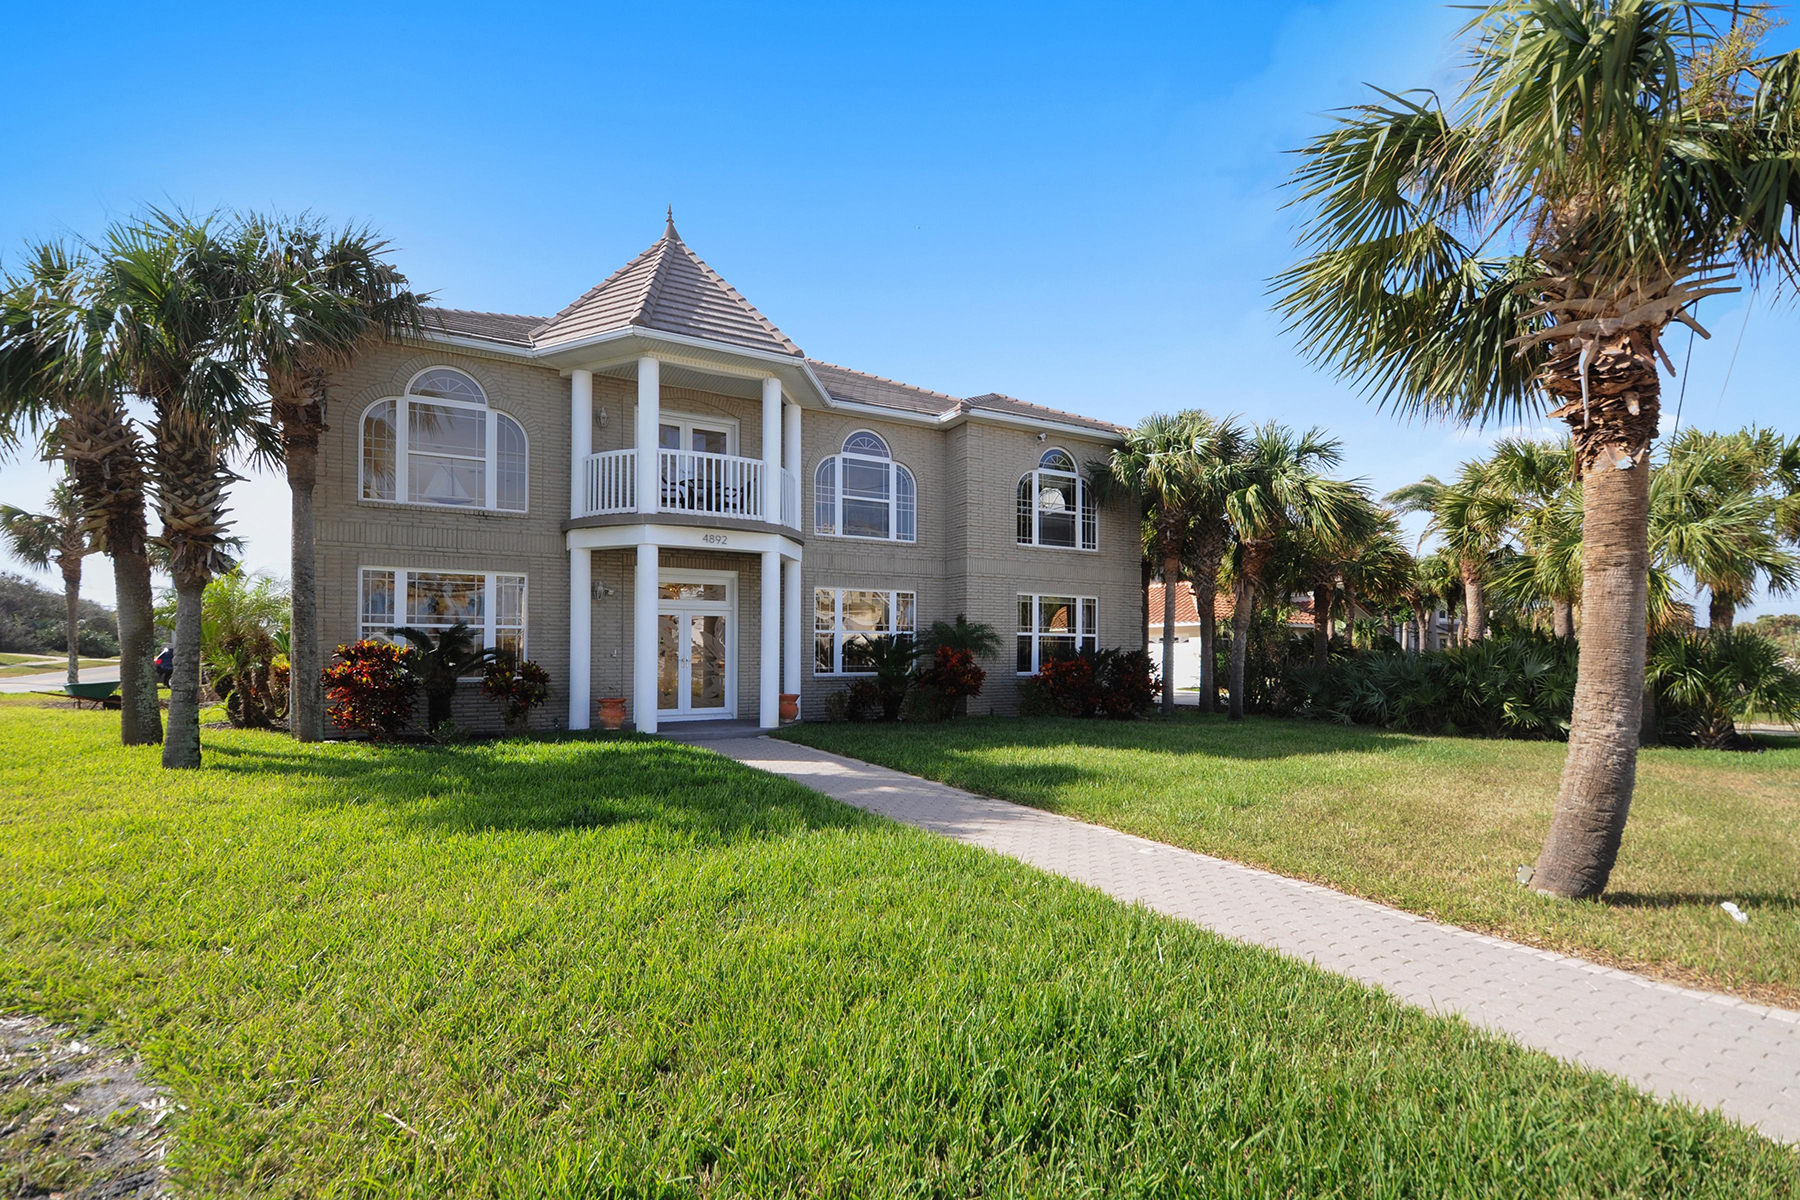 Maison unifamiliale pour l Vente à 4892 S Atlantic Ave , Ponce Inlet, FL 32127 Ponce Inlet, Florida, 32127 États-Unis